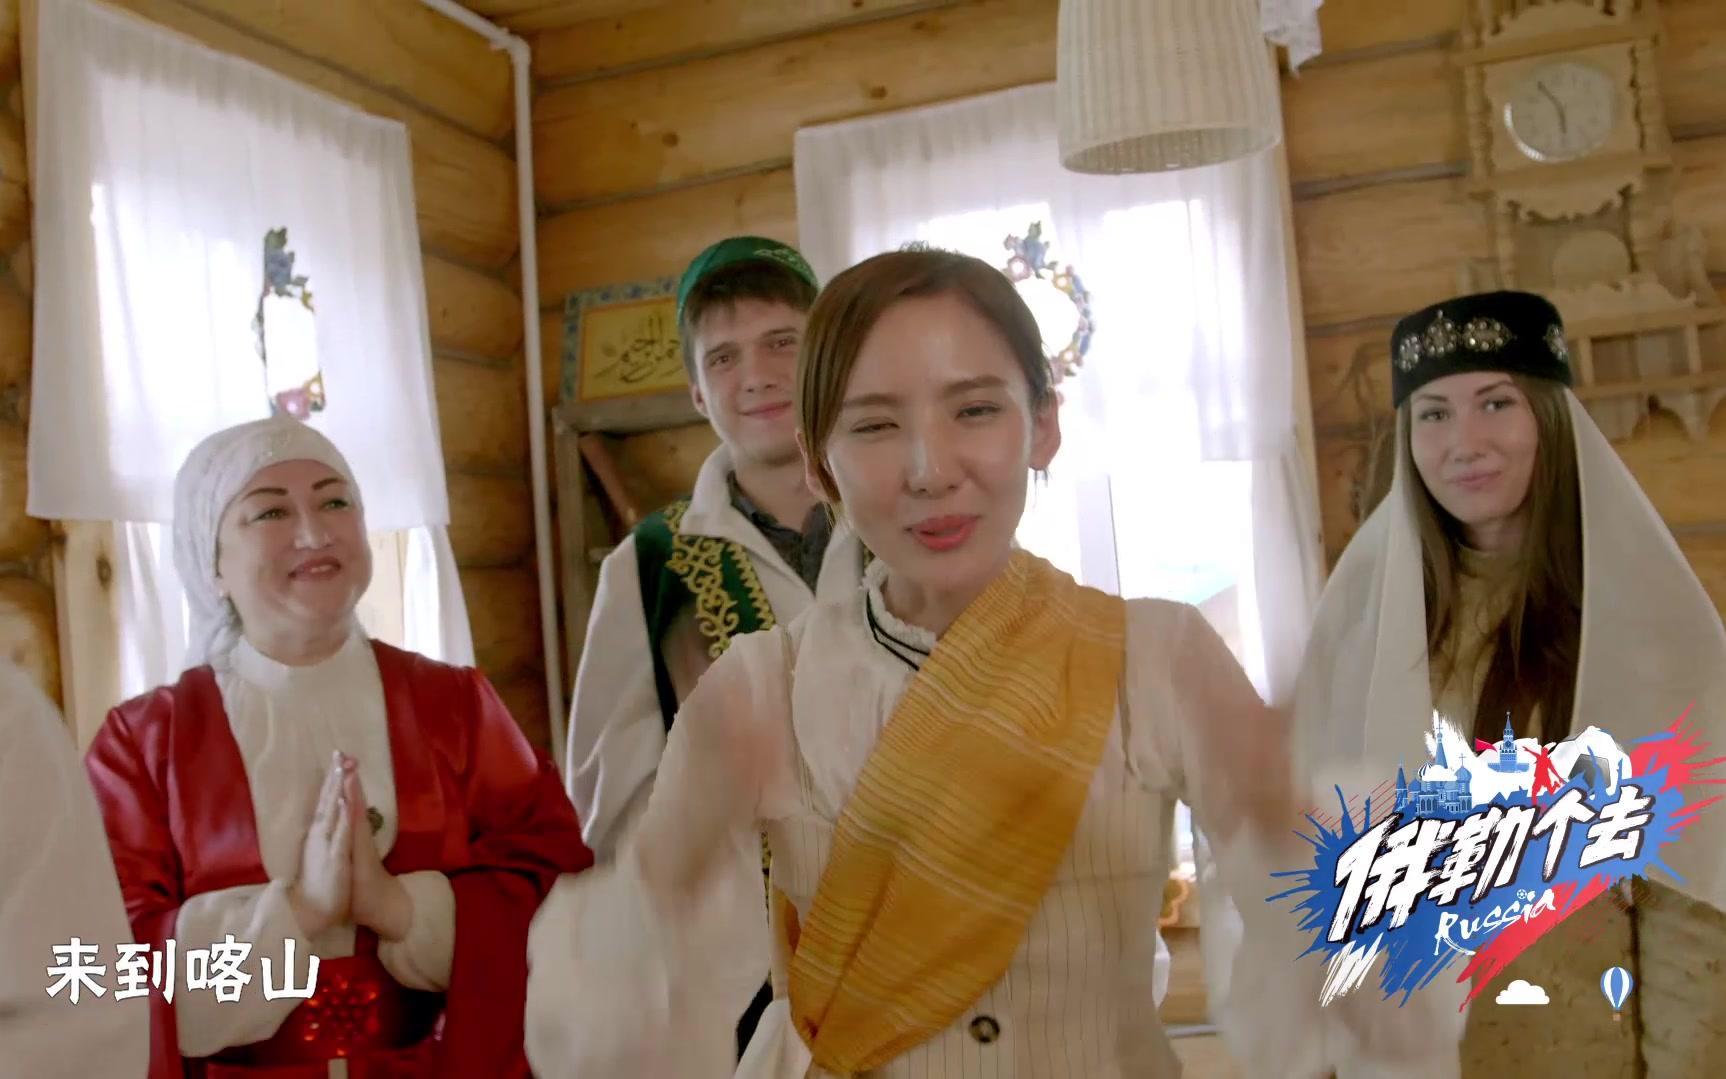 【俄勒个去】鞑靼人美食招待胜楠 实力演绎妻管严